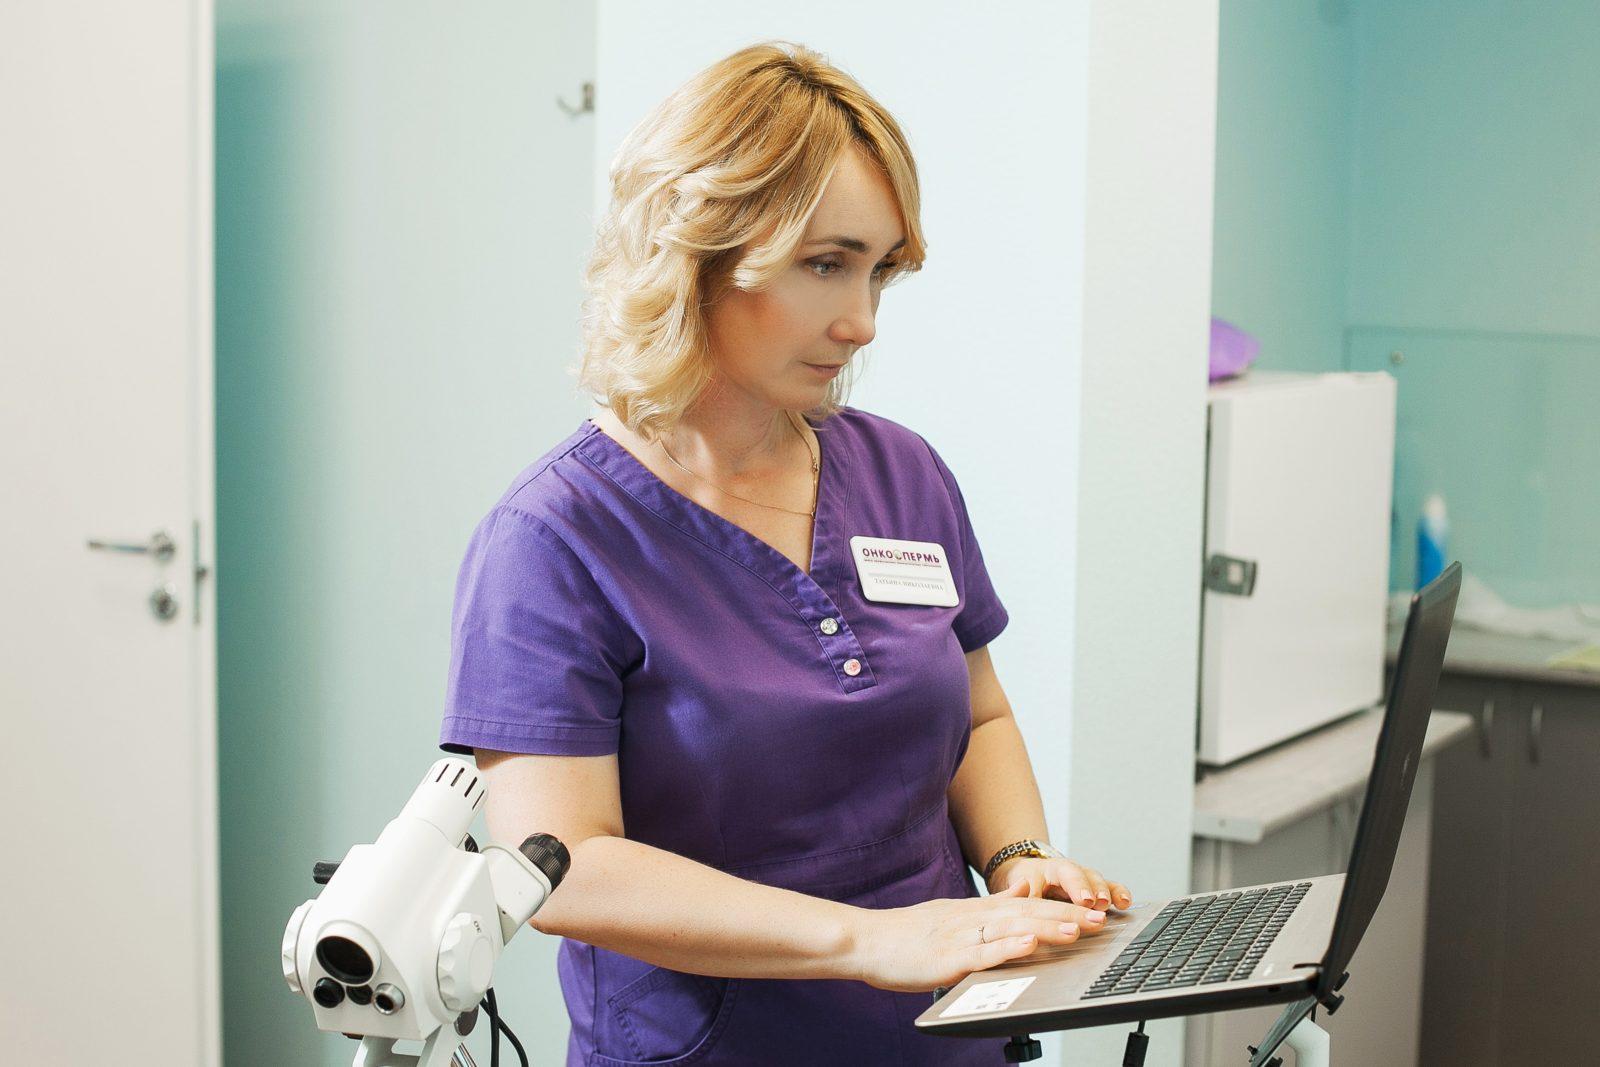 Татьяна Леонидова об онкологии в Перми, как выявить рак на ранних стадиях и ложной информации о заболеваниях